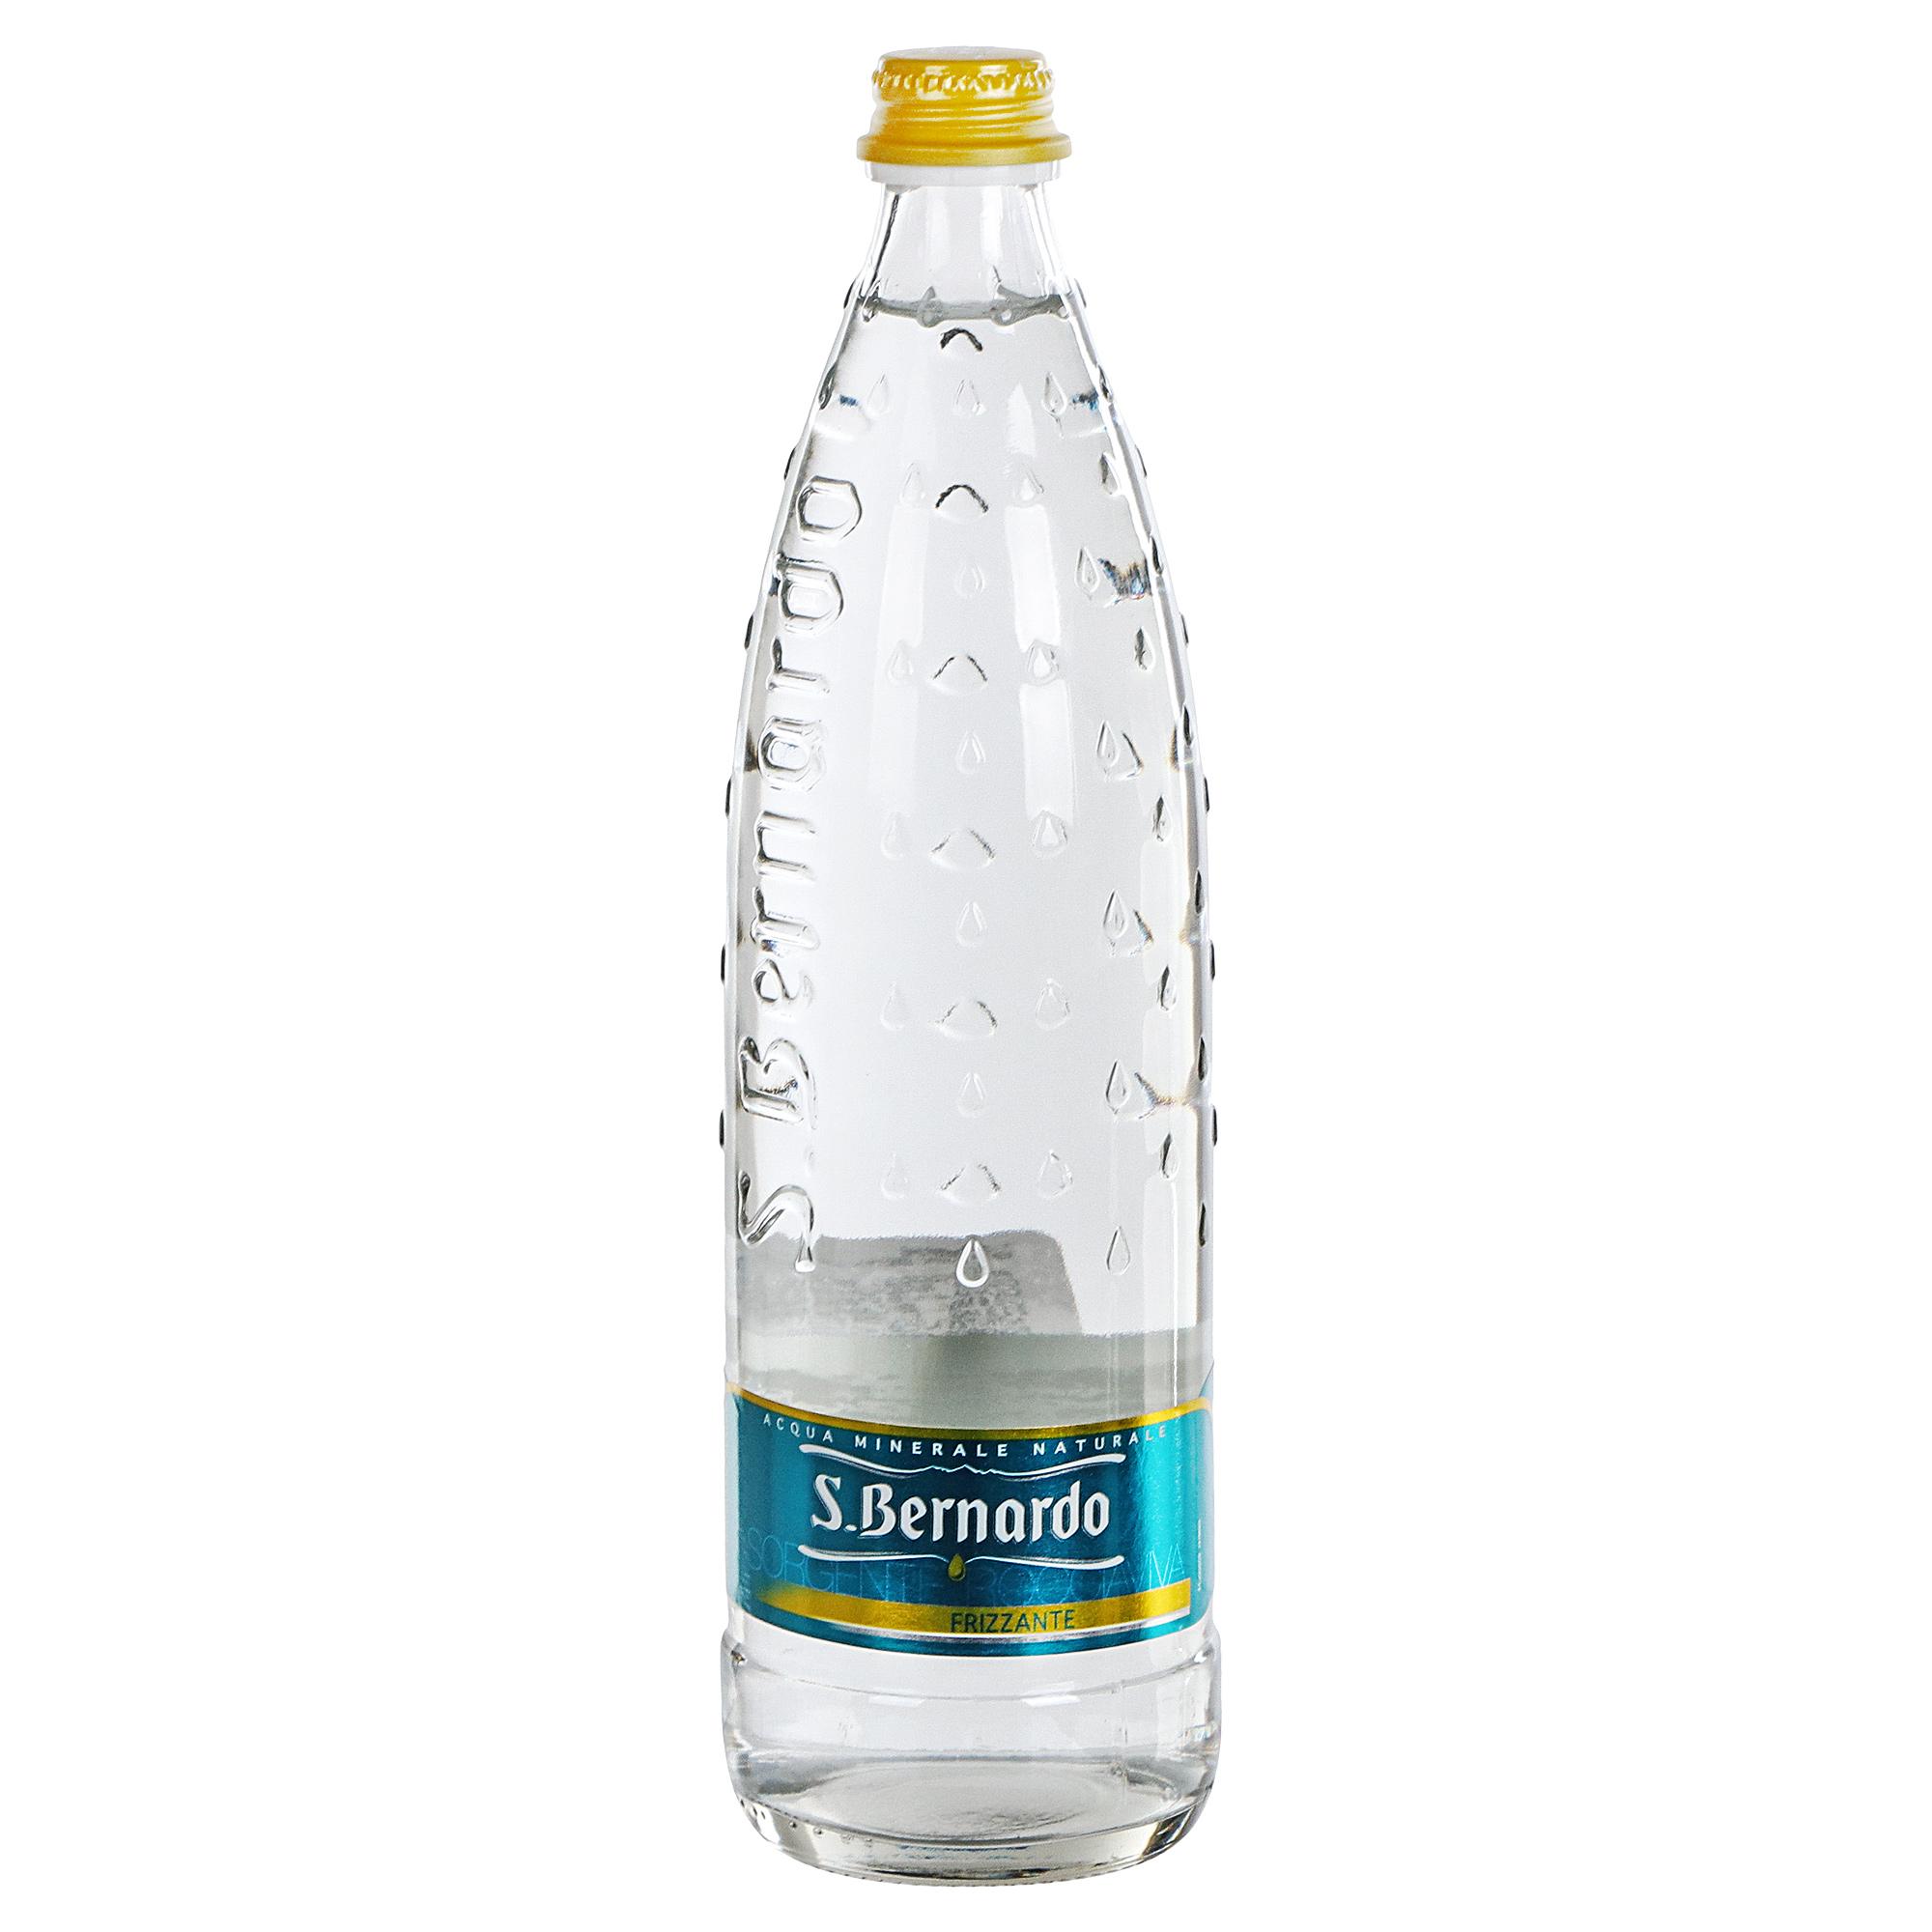 Вода минеральная San Bernardo газированная 0,75 л вода san bernardo газированная 1 л